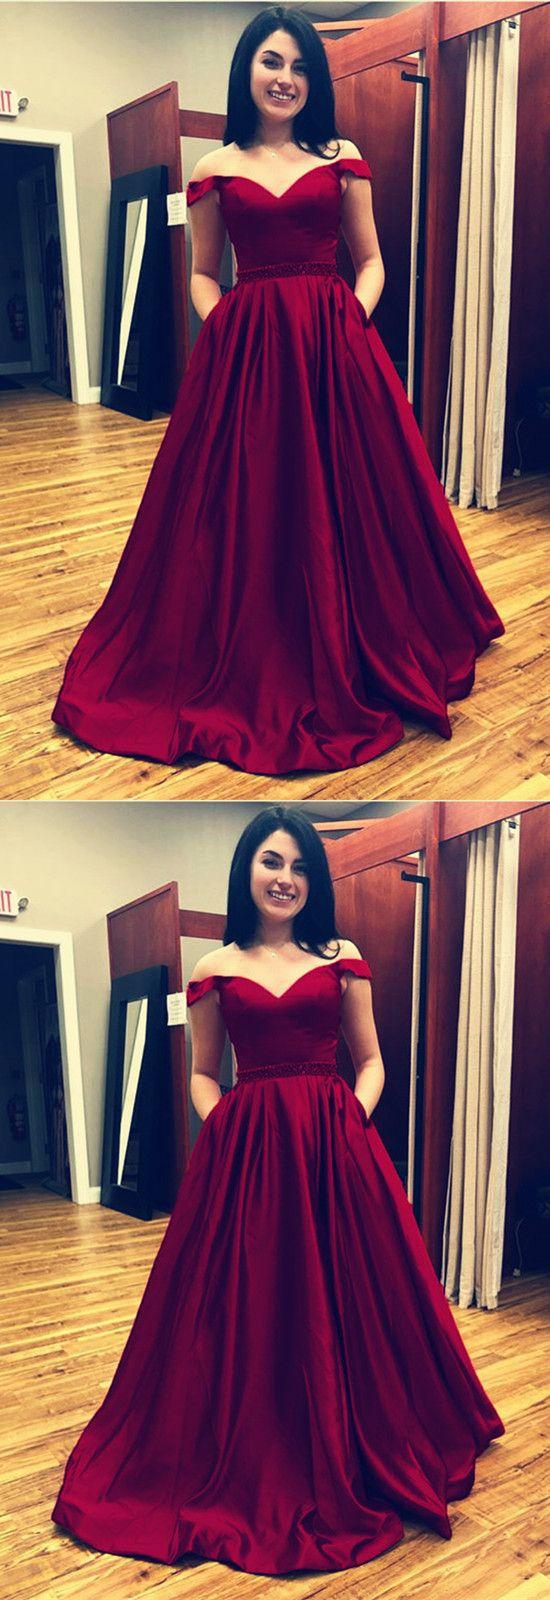 Burgundy satin vneck long prom dresses off shoulder evening gowns